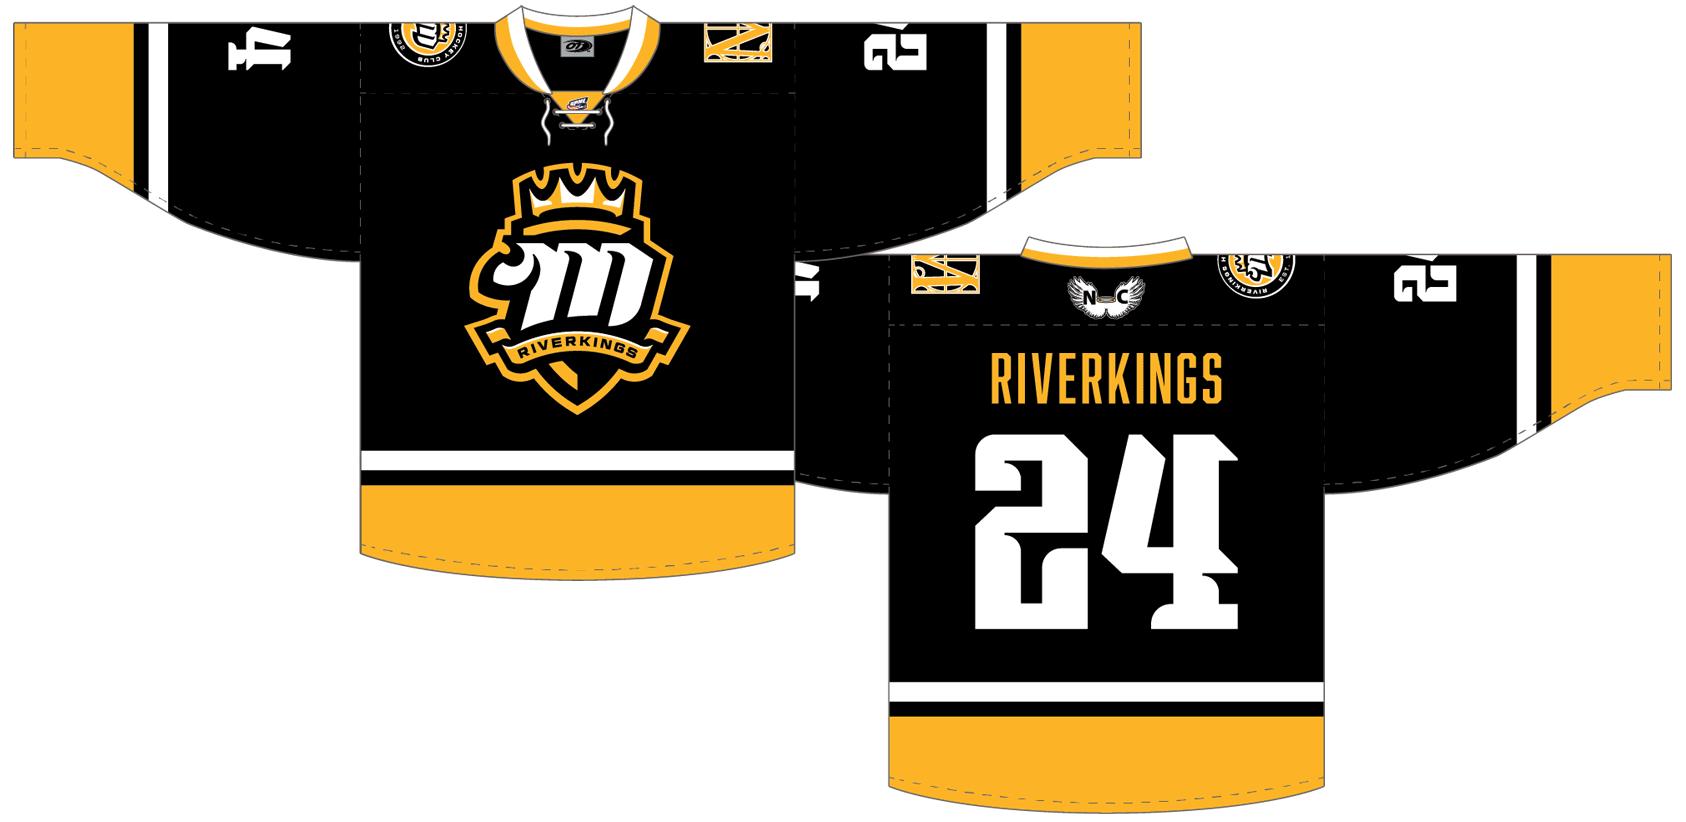 Mississippi RiverKings Uniform Dark Uniform (2015/16-Pres) -  SportsLogos.Net